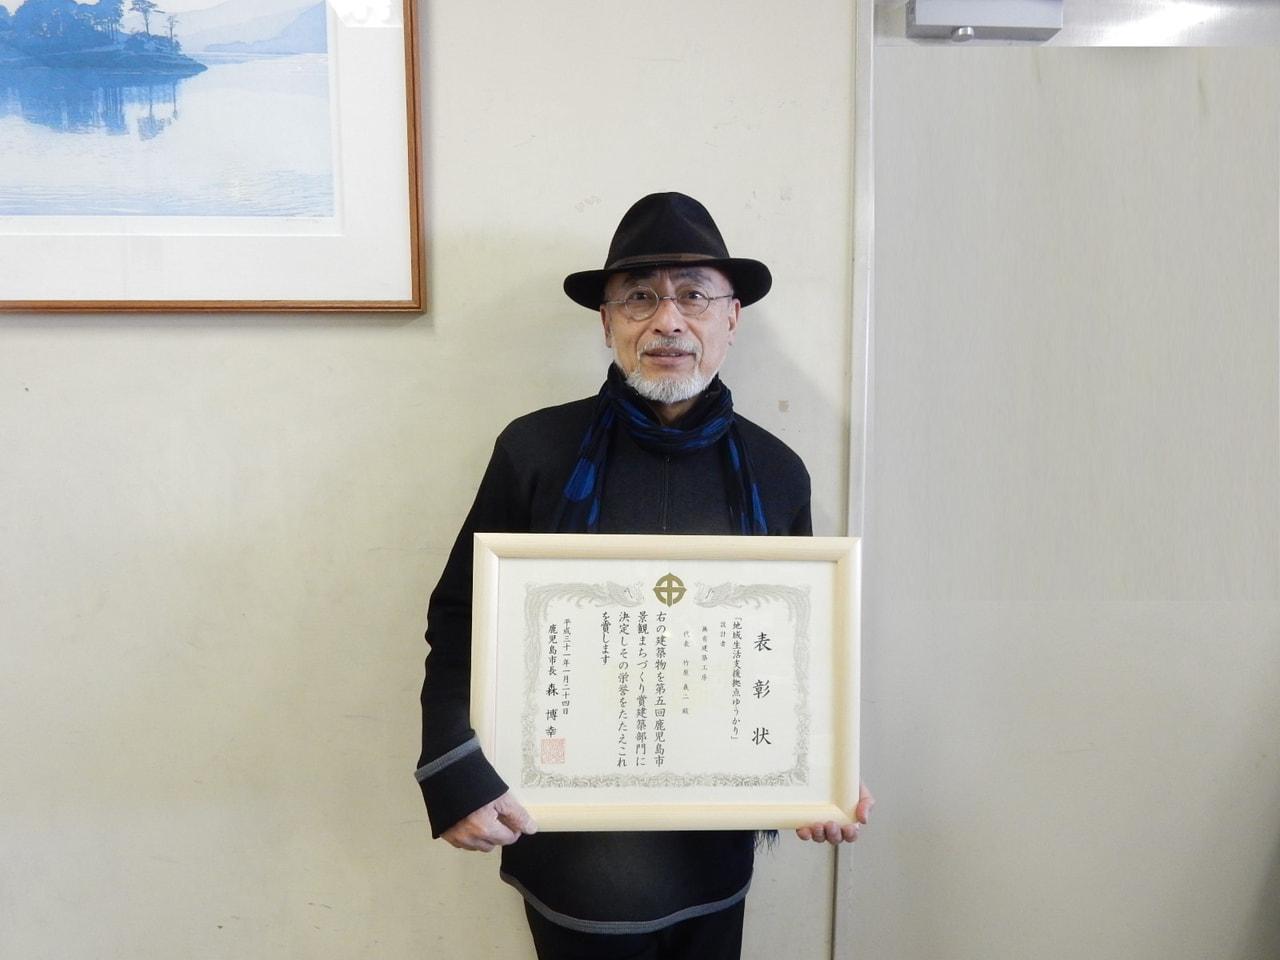 竹原先生が『鹿児島市景観まちづくり賞』を受賞しました